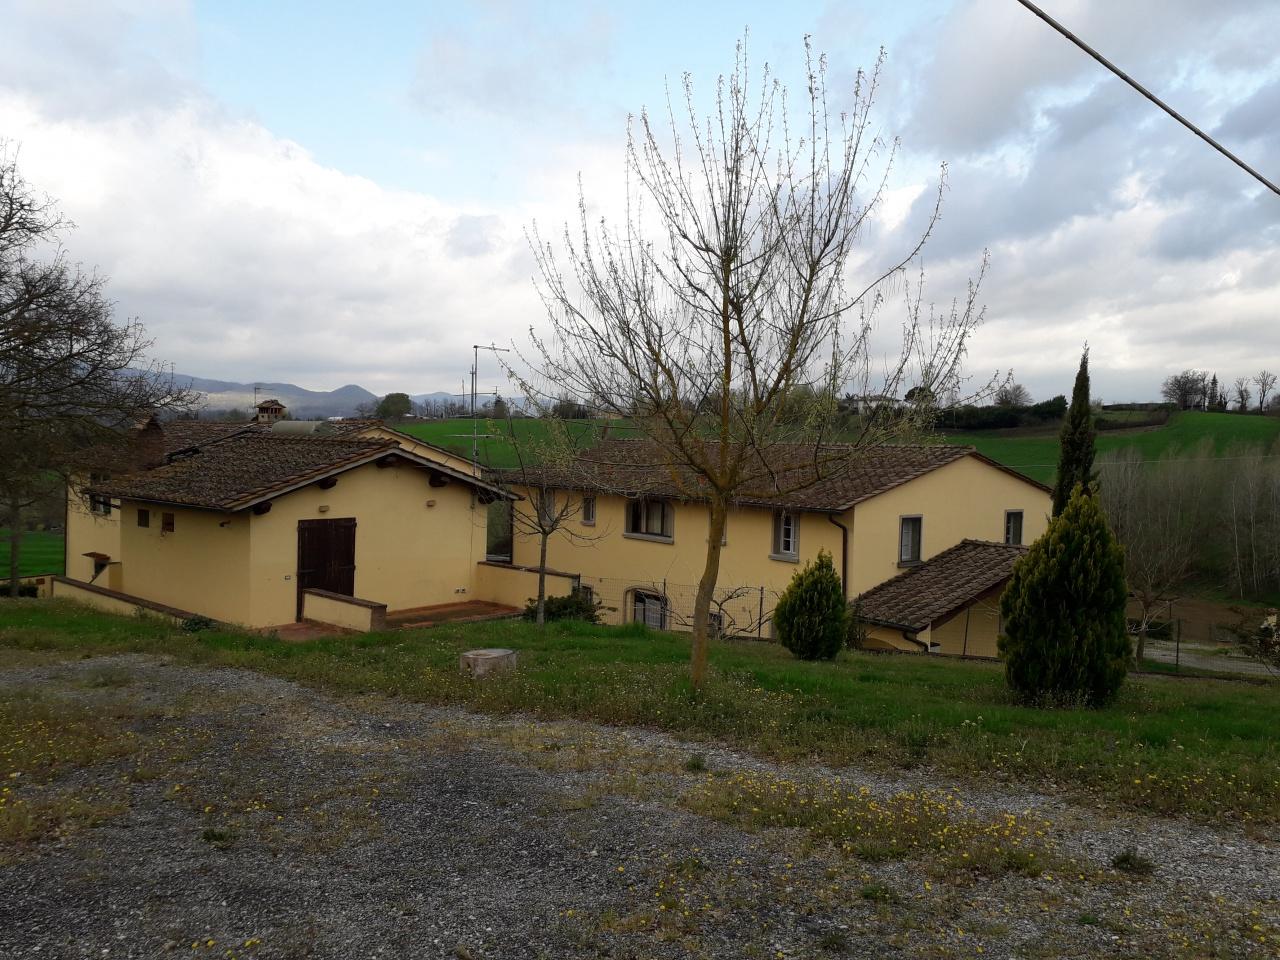 cerca Borgo San Lorenzo  AZIENDA AGRICOLA VENDITA